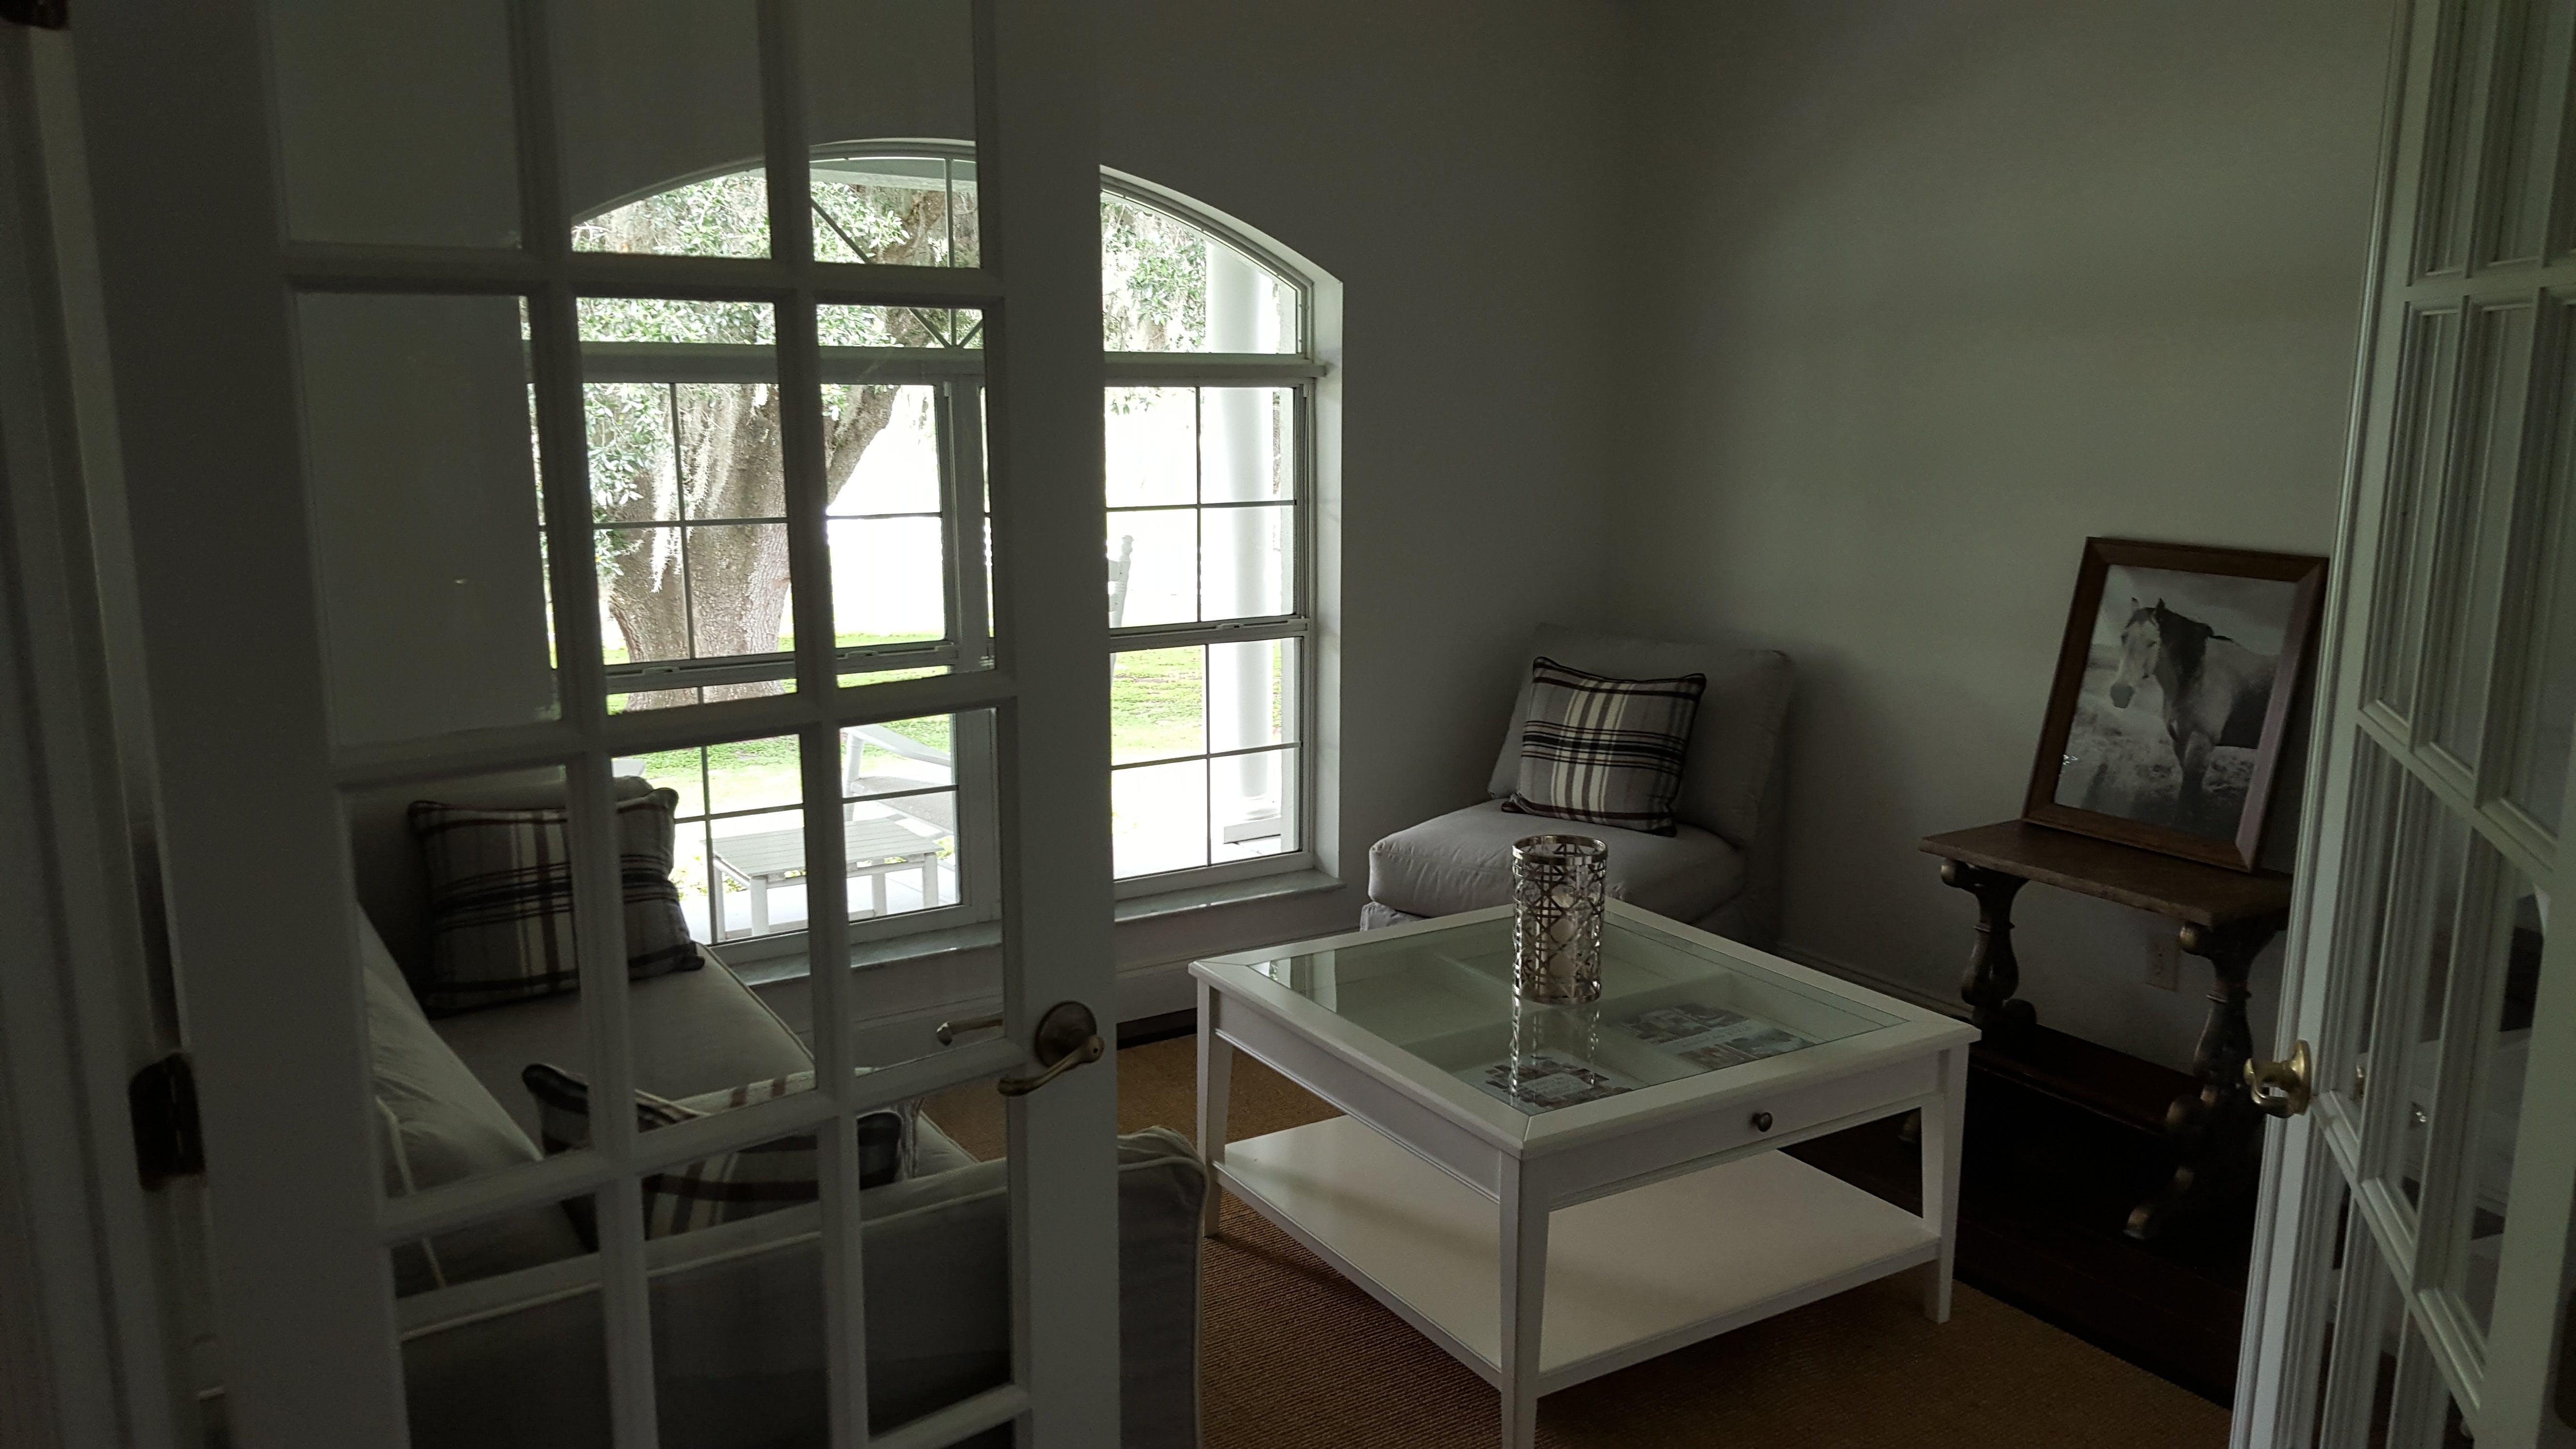 Gratis stockfoto met appartement, architectuur, bank, binnenshuis